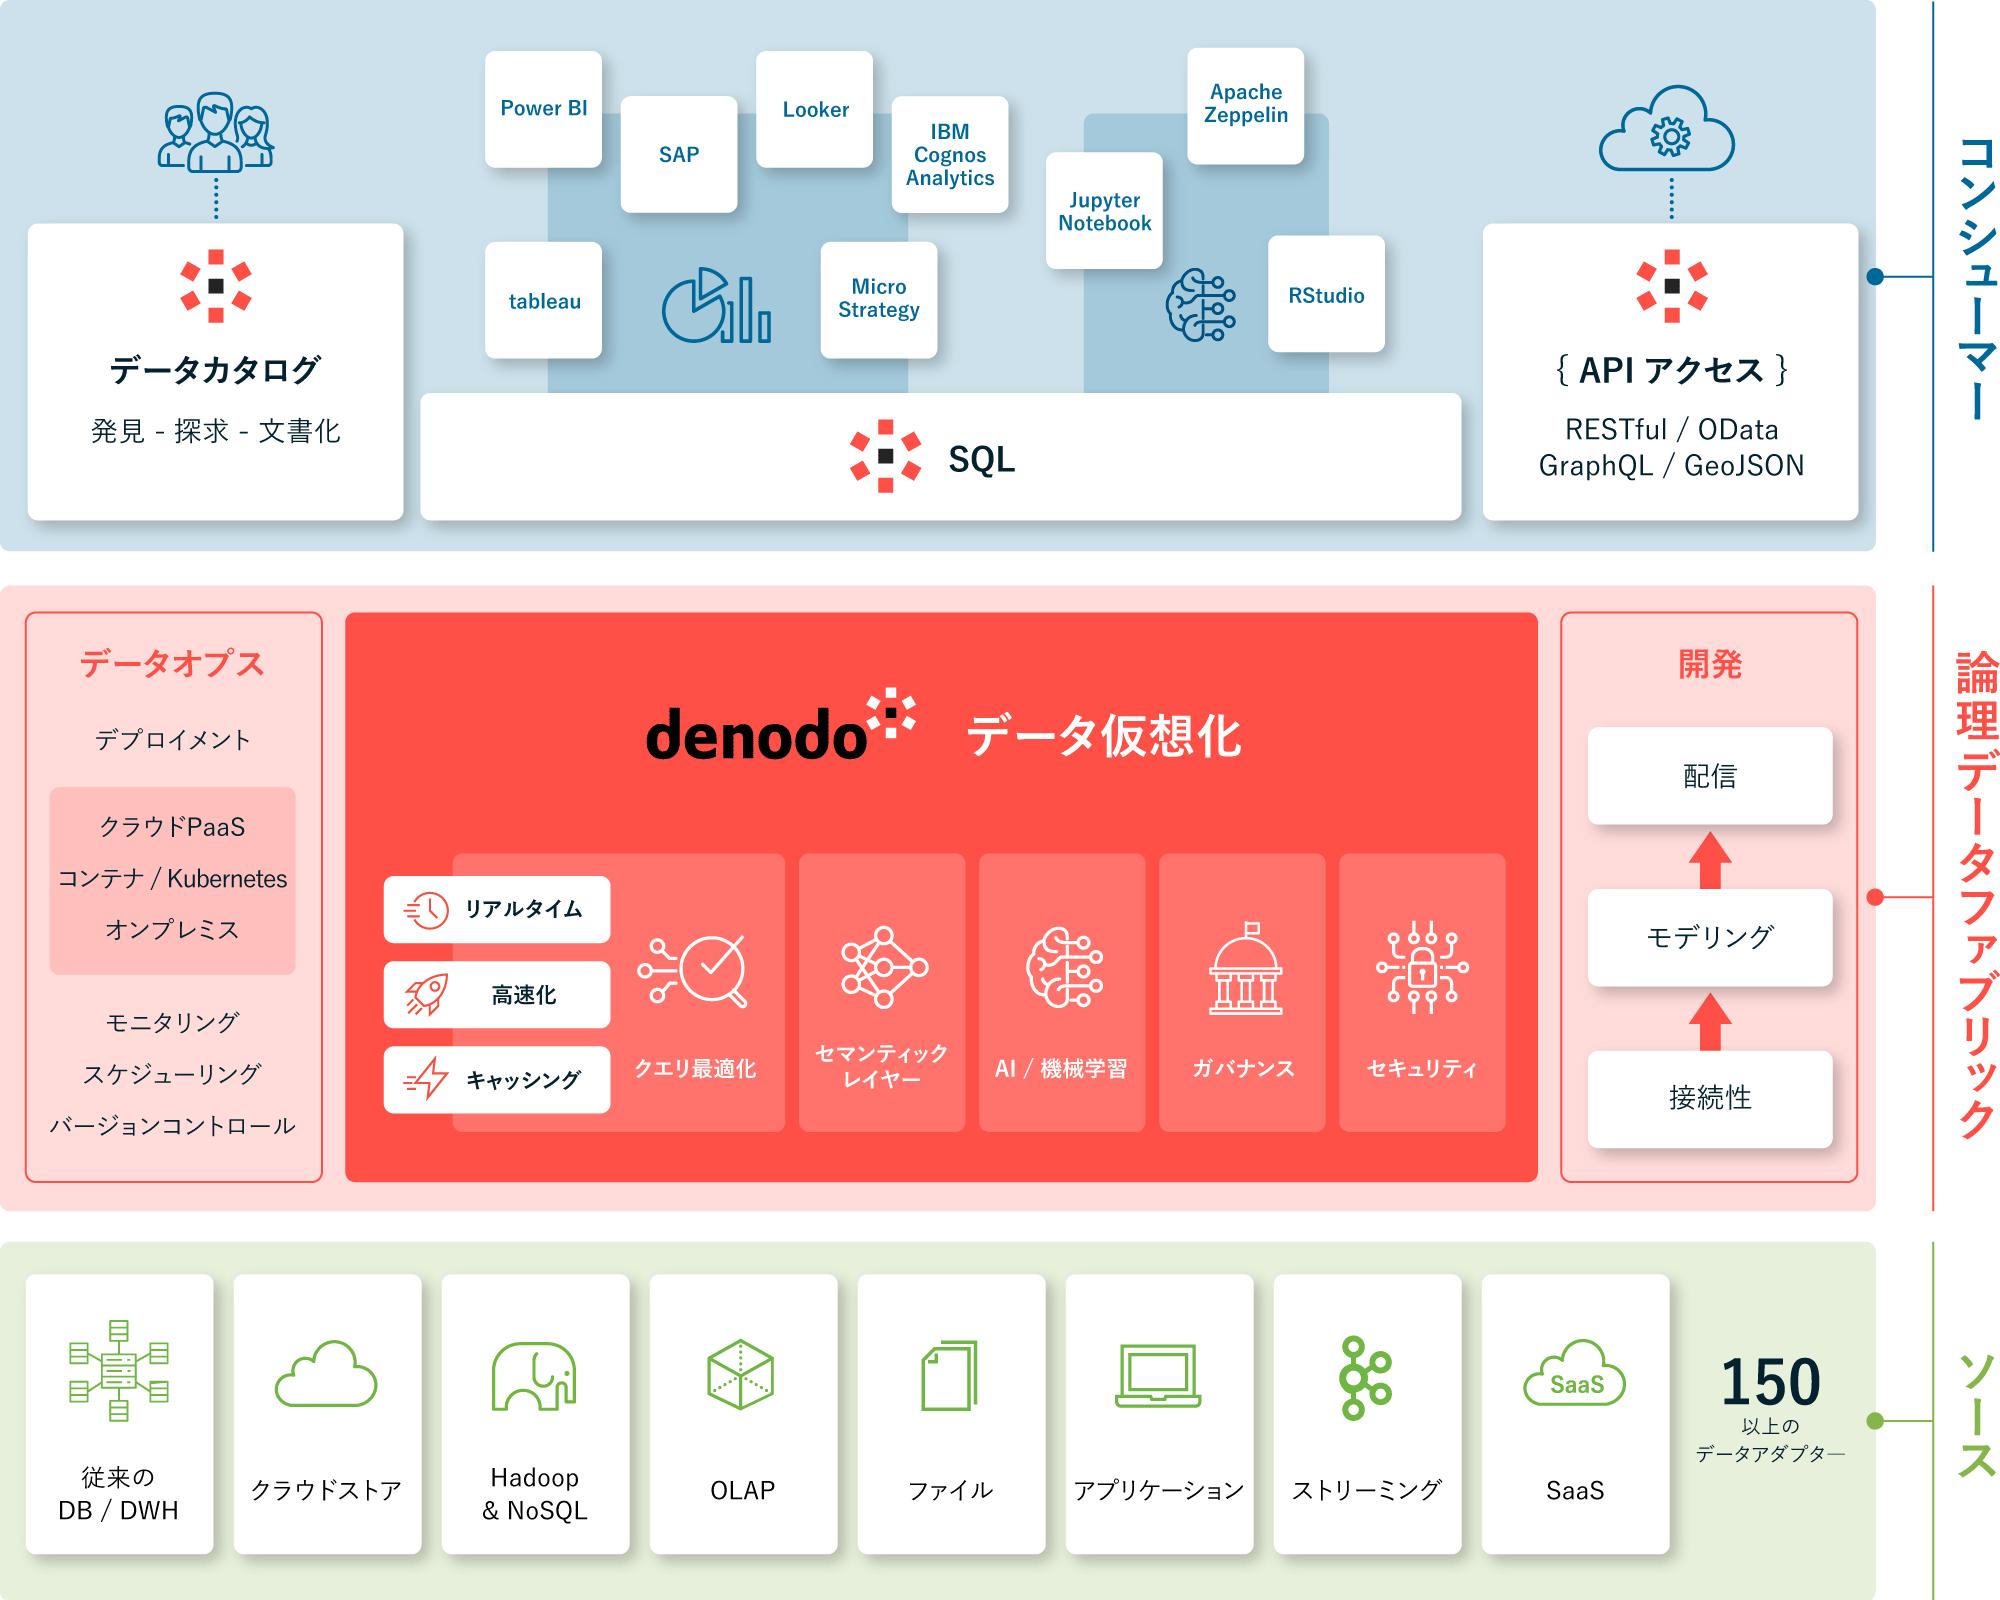 データ仮想化概念図